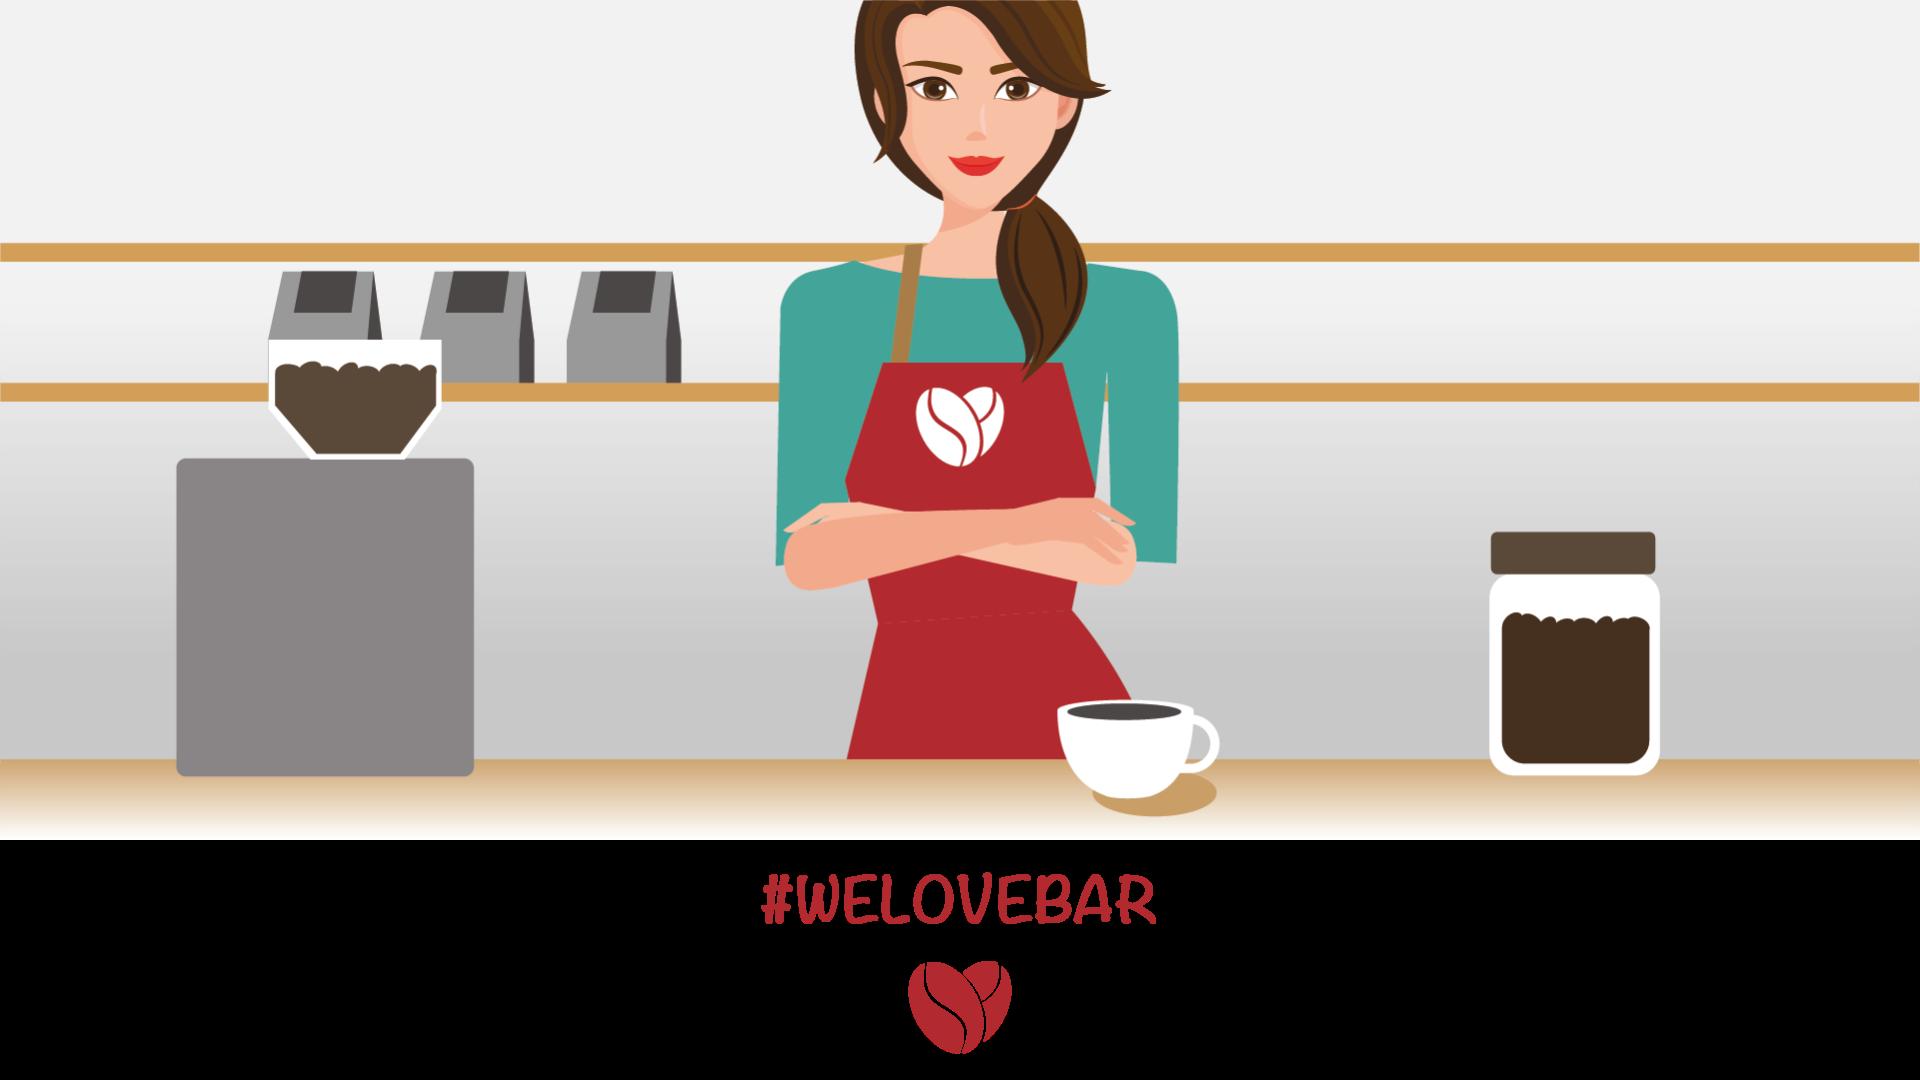 We Love Bar - Sostieni il tuo bar del cuore. La nostra iniziativa per aiutare i bar colpiti dal lockdown